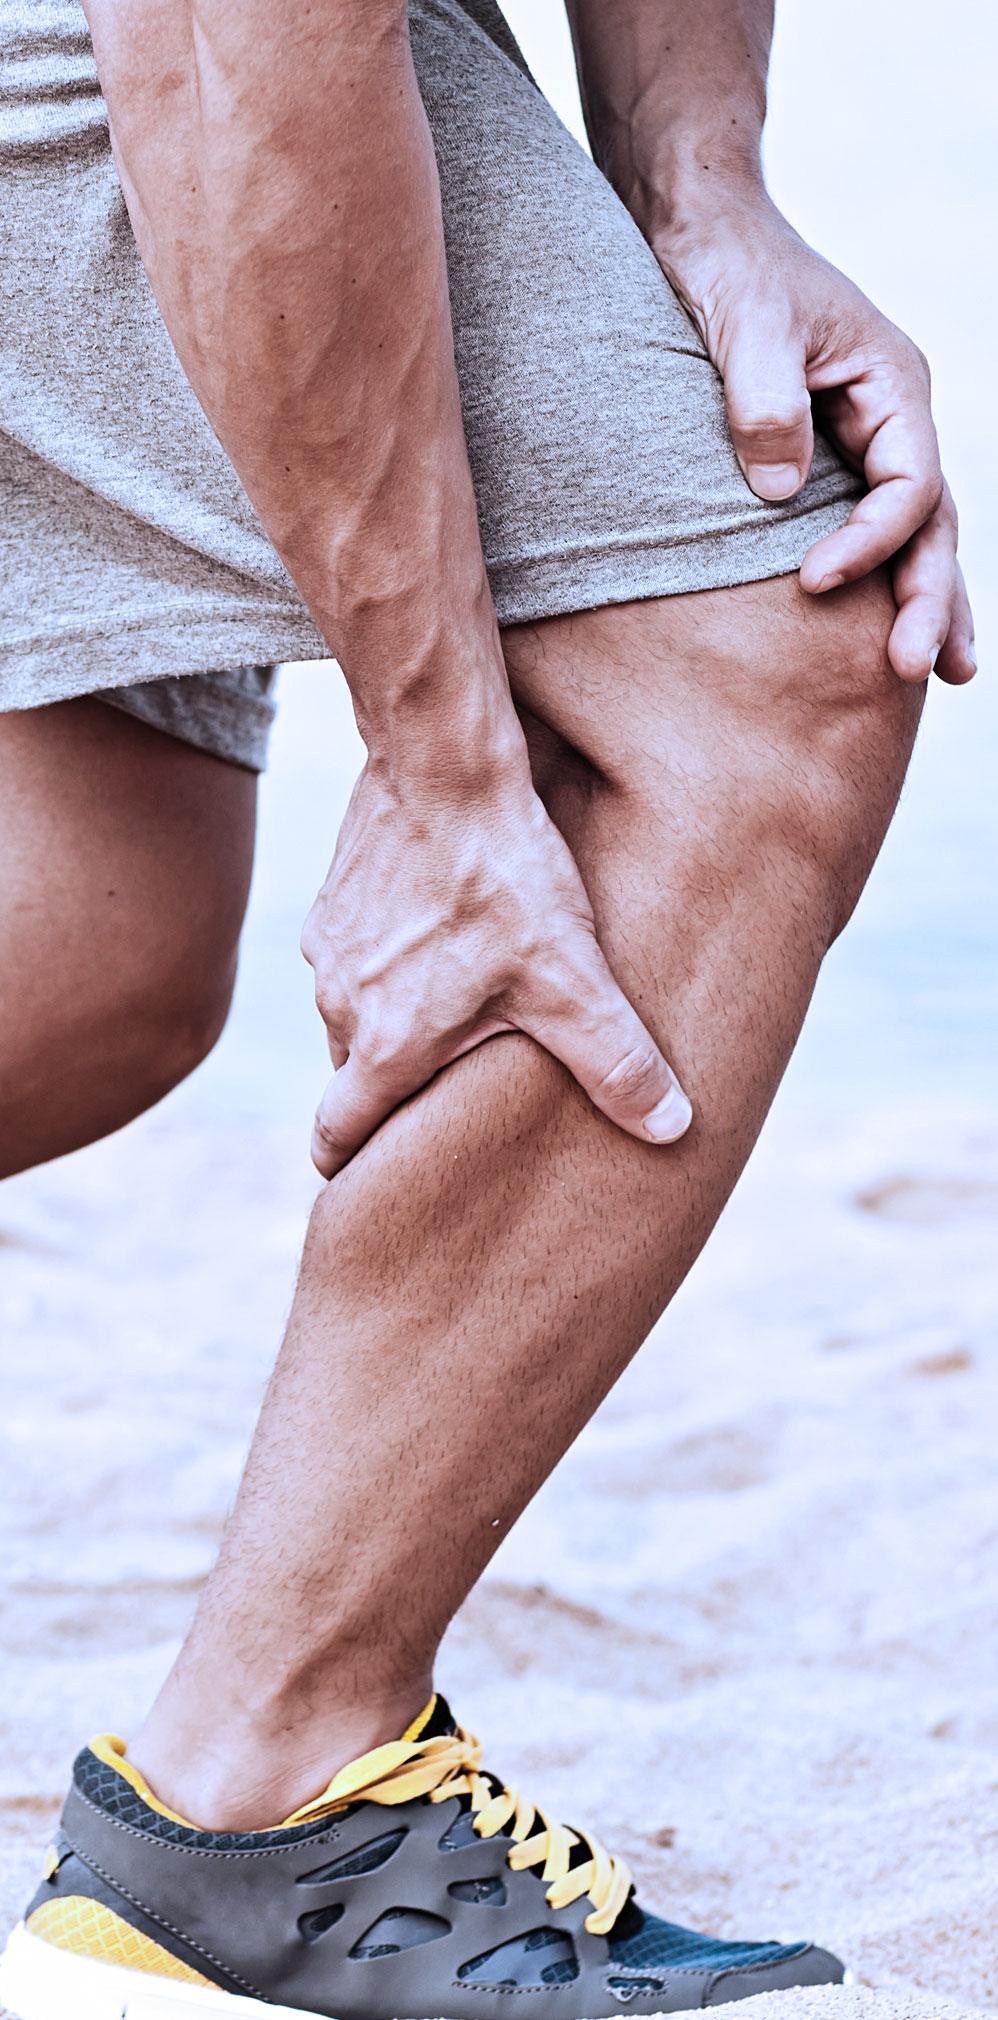 Crampes et spasmes musculaires Réseau des massothérapeutes